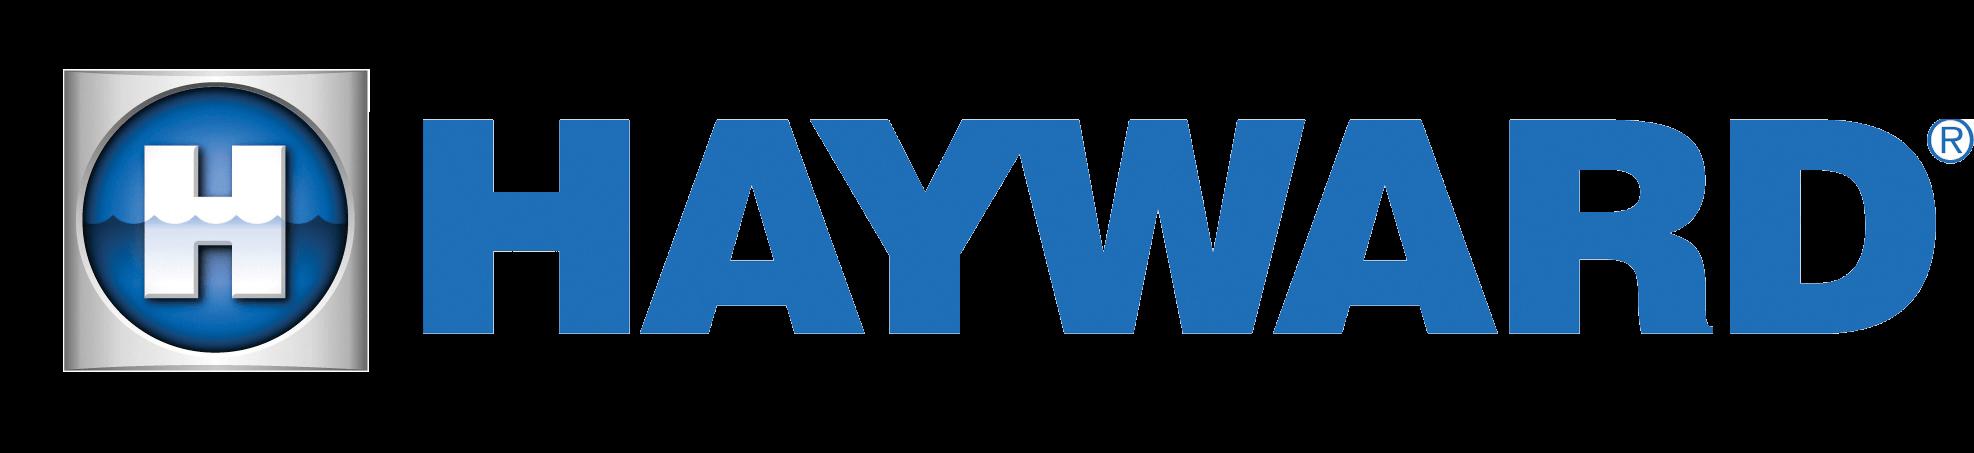 hayward-logo-blk-impact.png